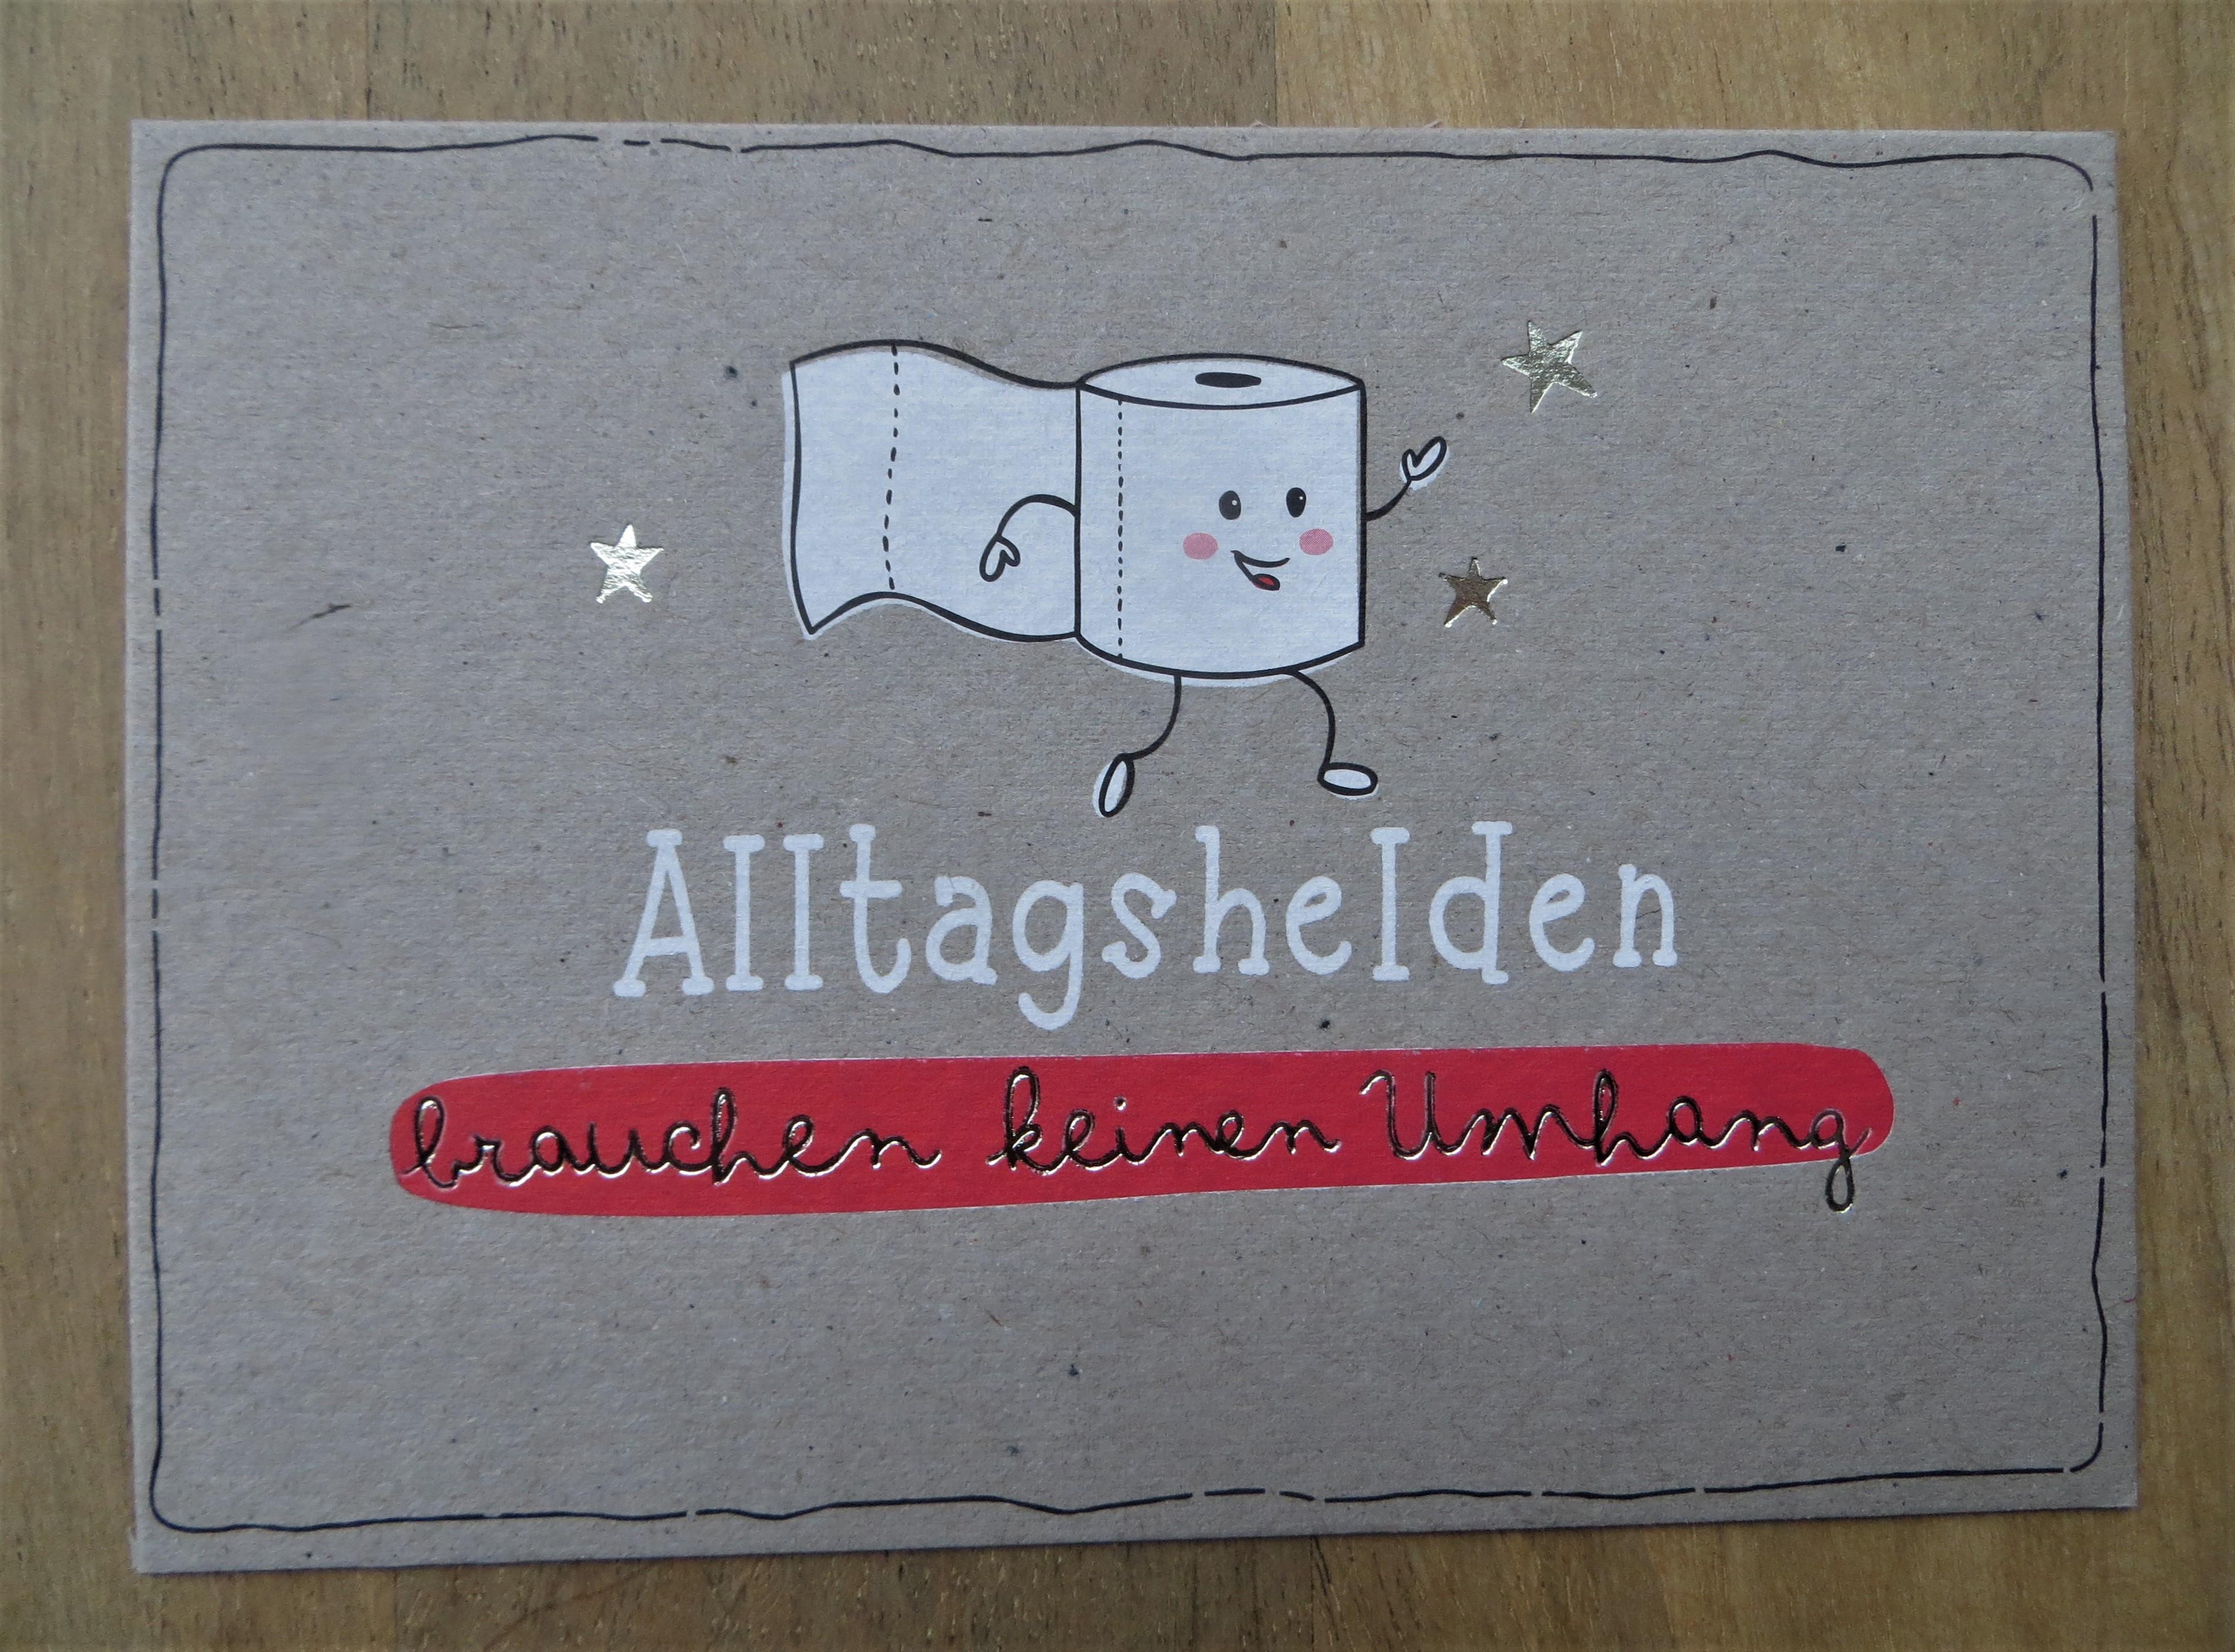 Nützlichgrusskarten - Postkarte Alltagshelden brauchen keinen Umhang KUNST und BILD - Onlineshop Tante Emmer